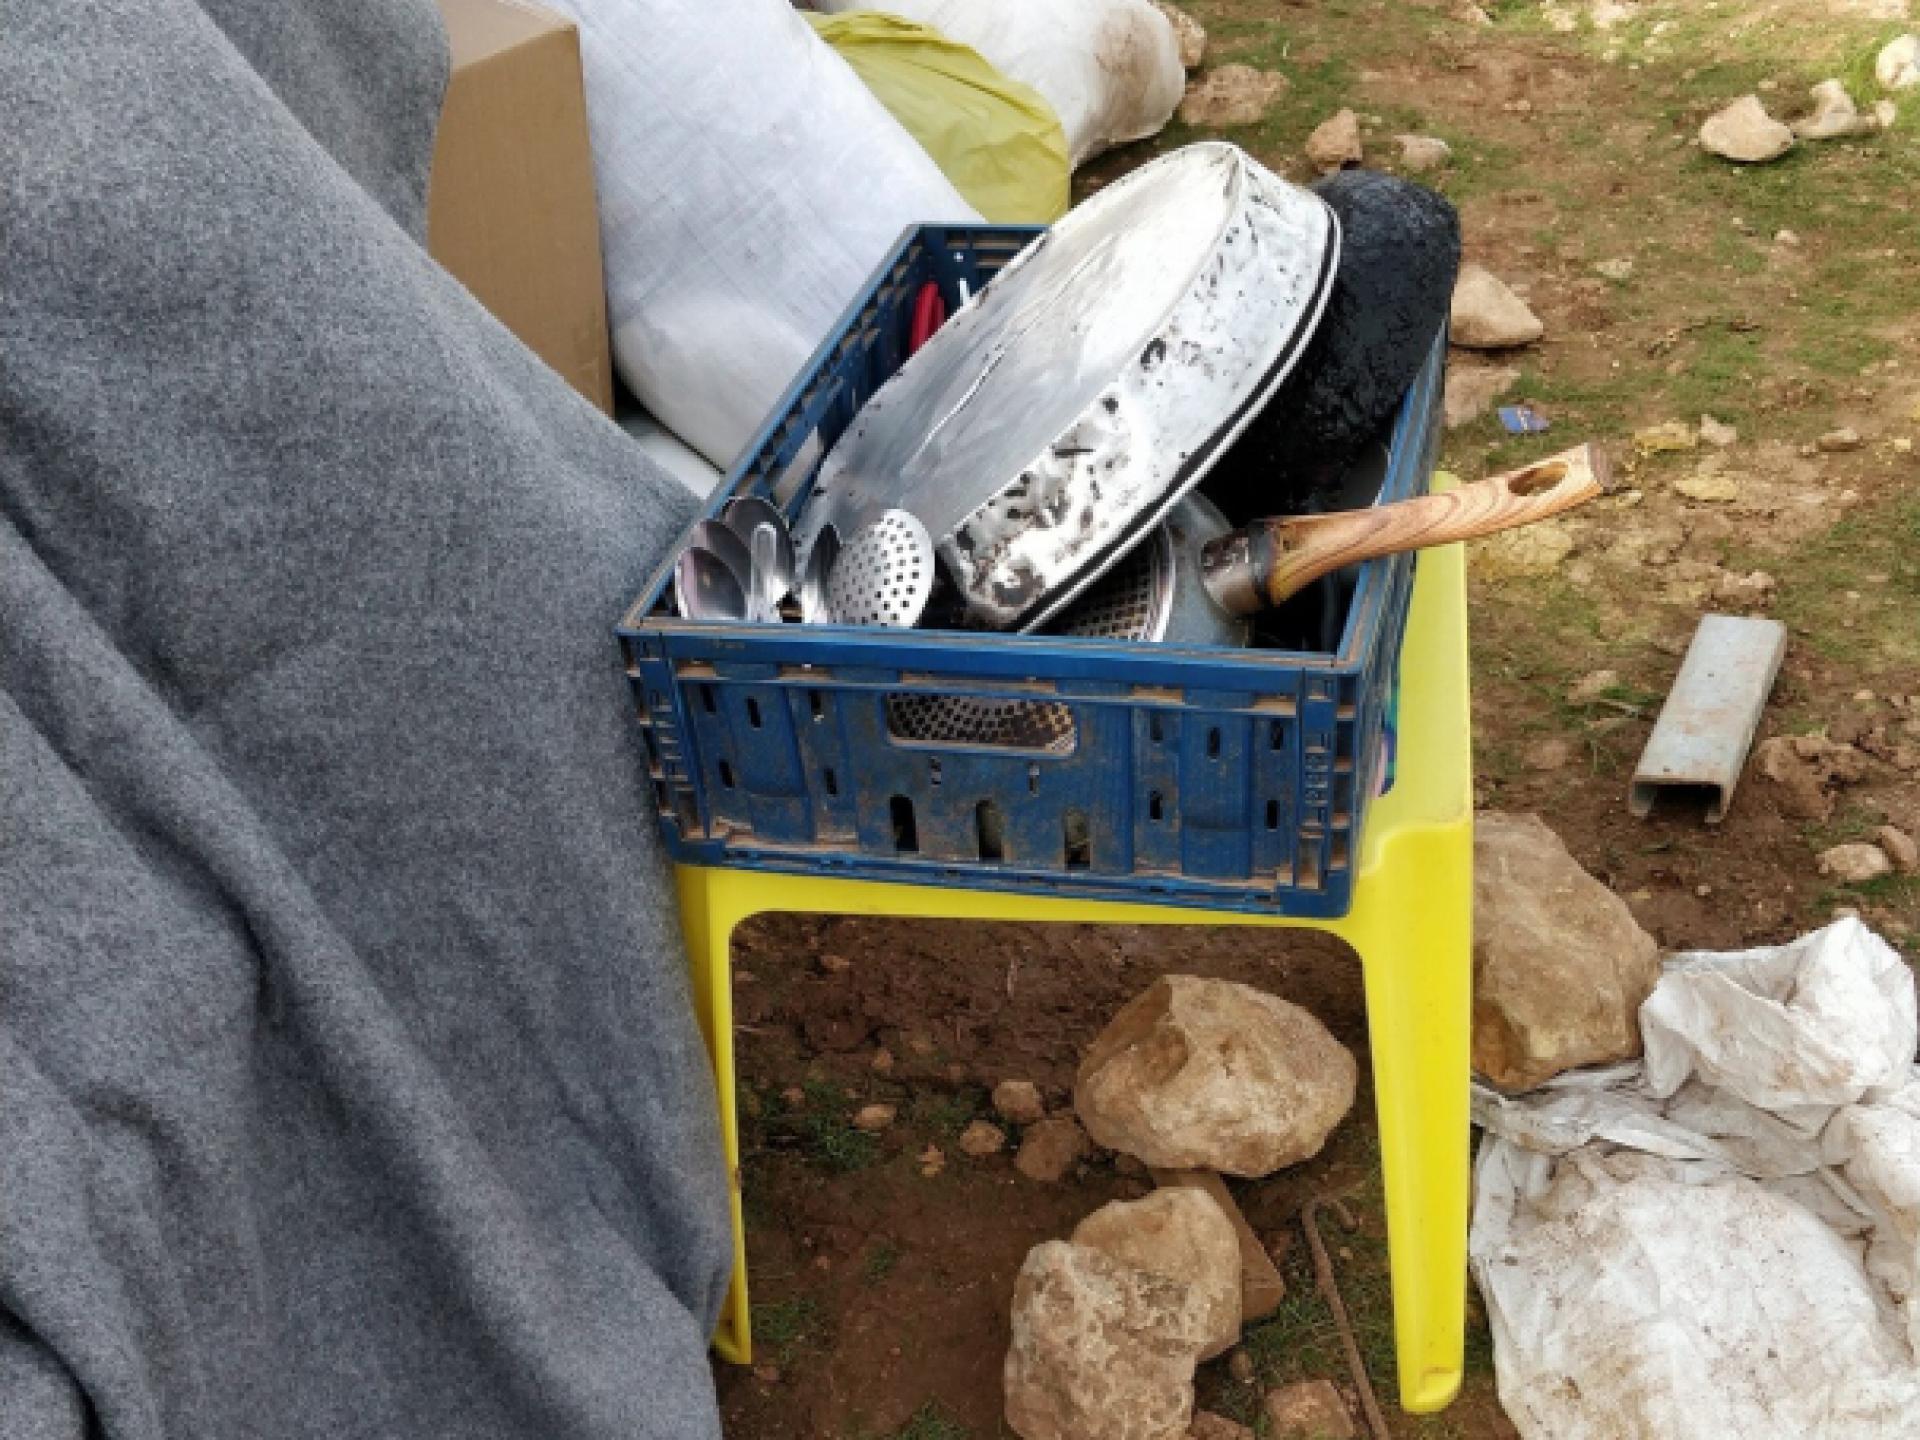 כלי מטבח מיטה ושמיכה, בשטח הפתוח